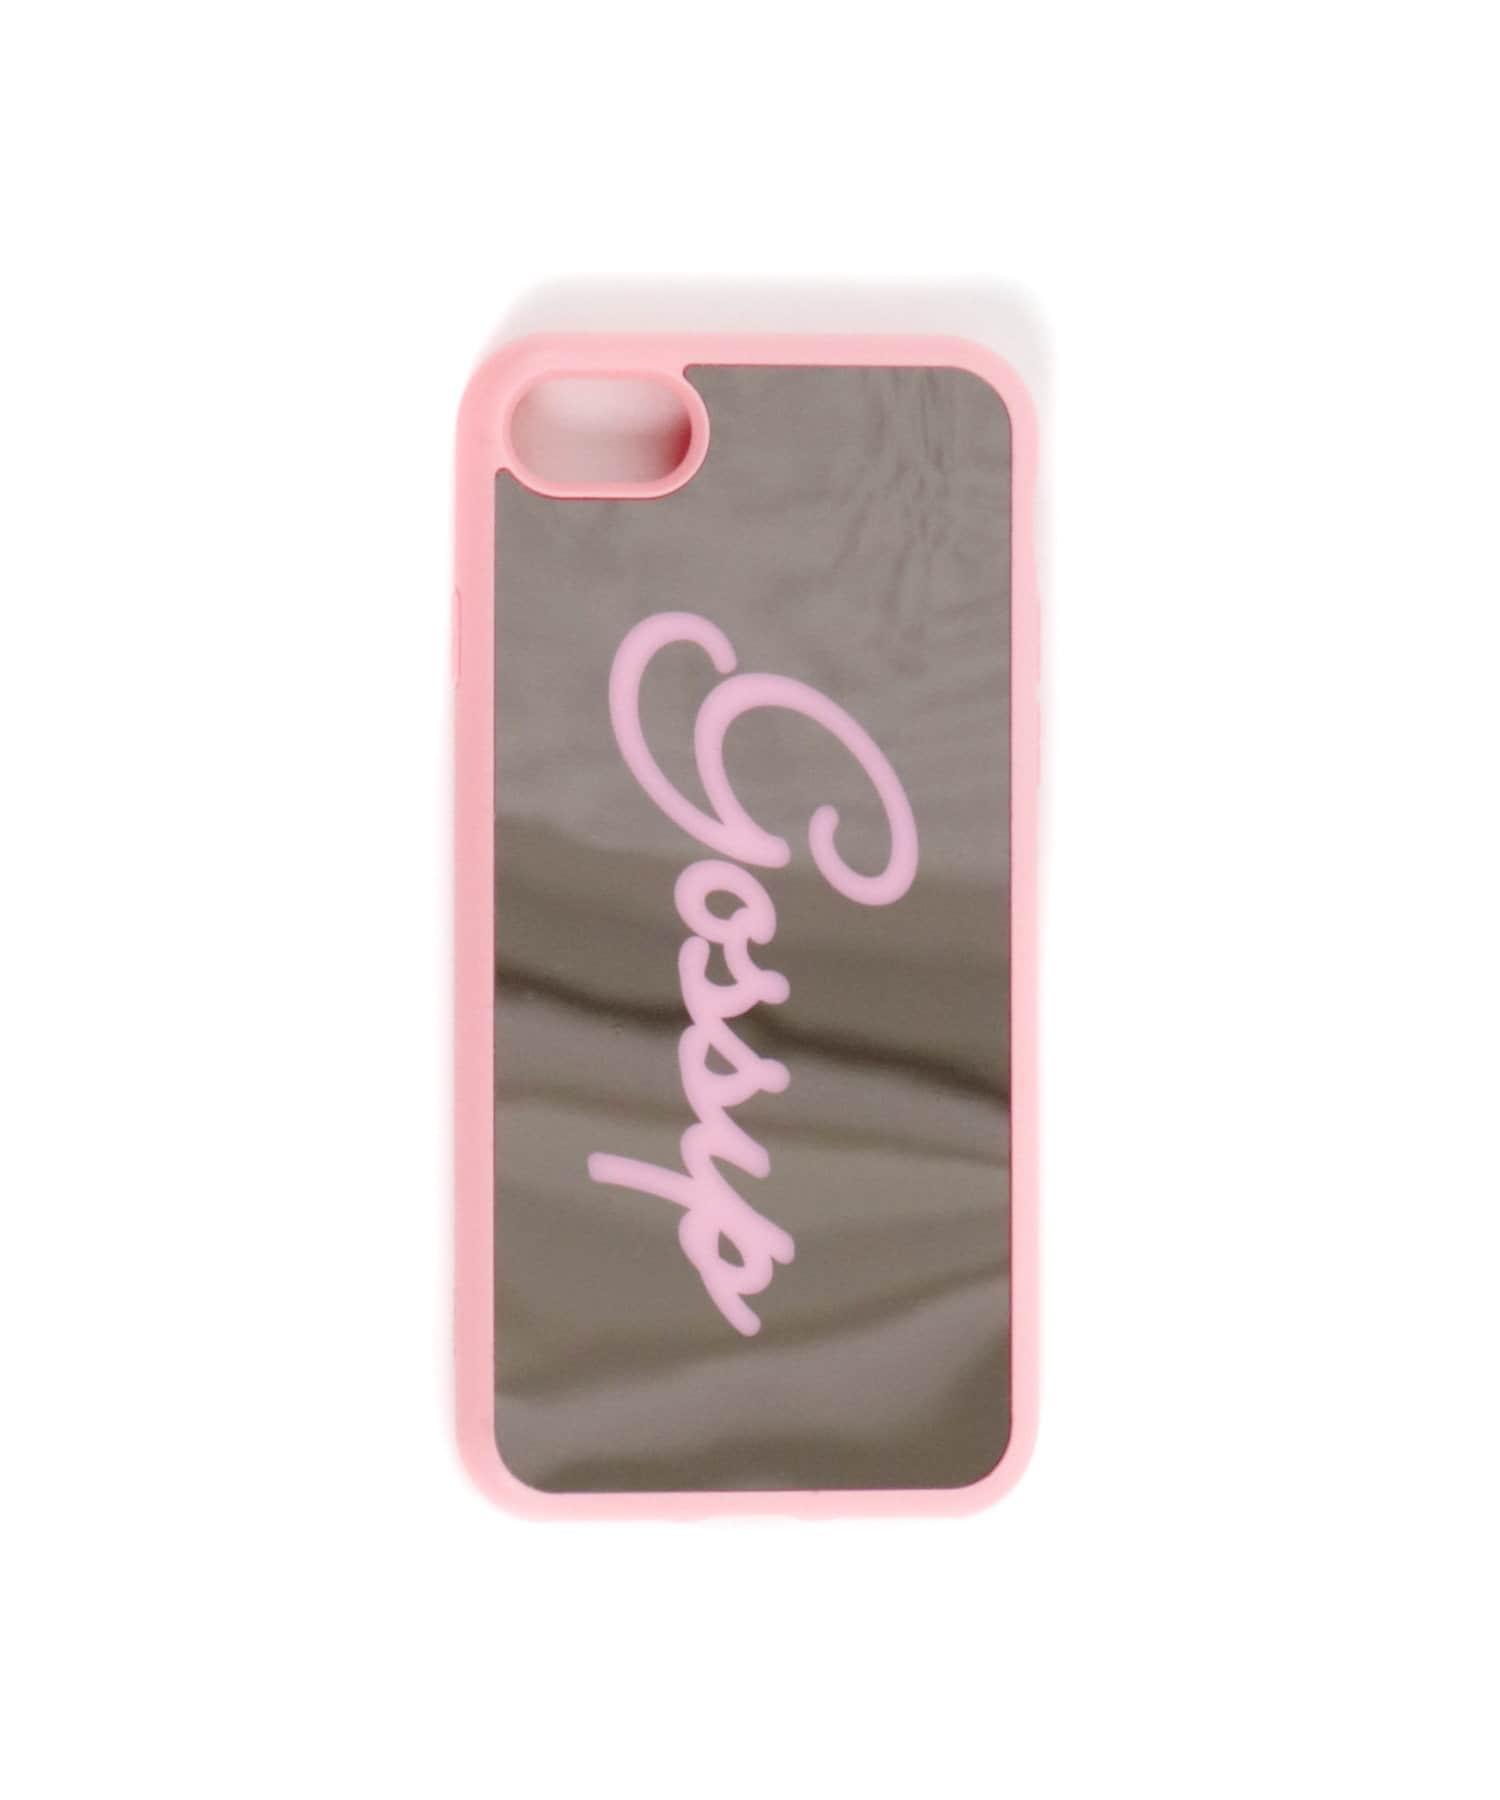 ASOKO(アソコ) ライフスタイル ミラーロゴiPhone7・8ケース ピンク